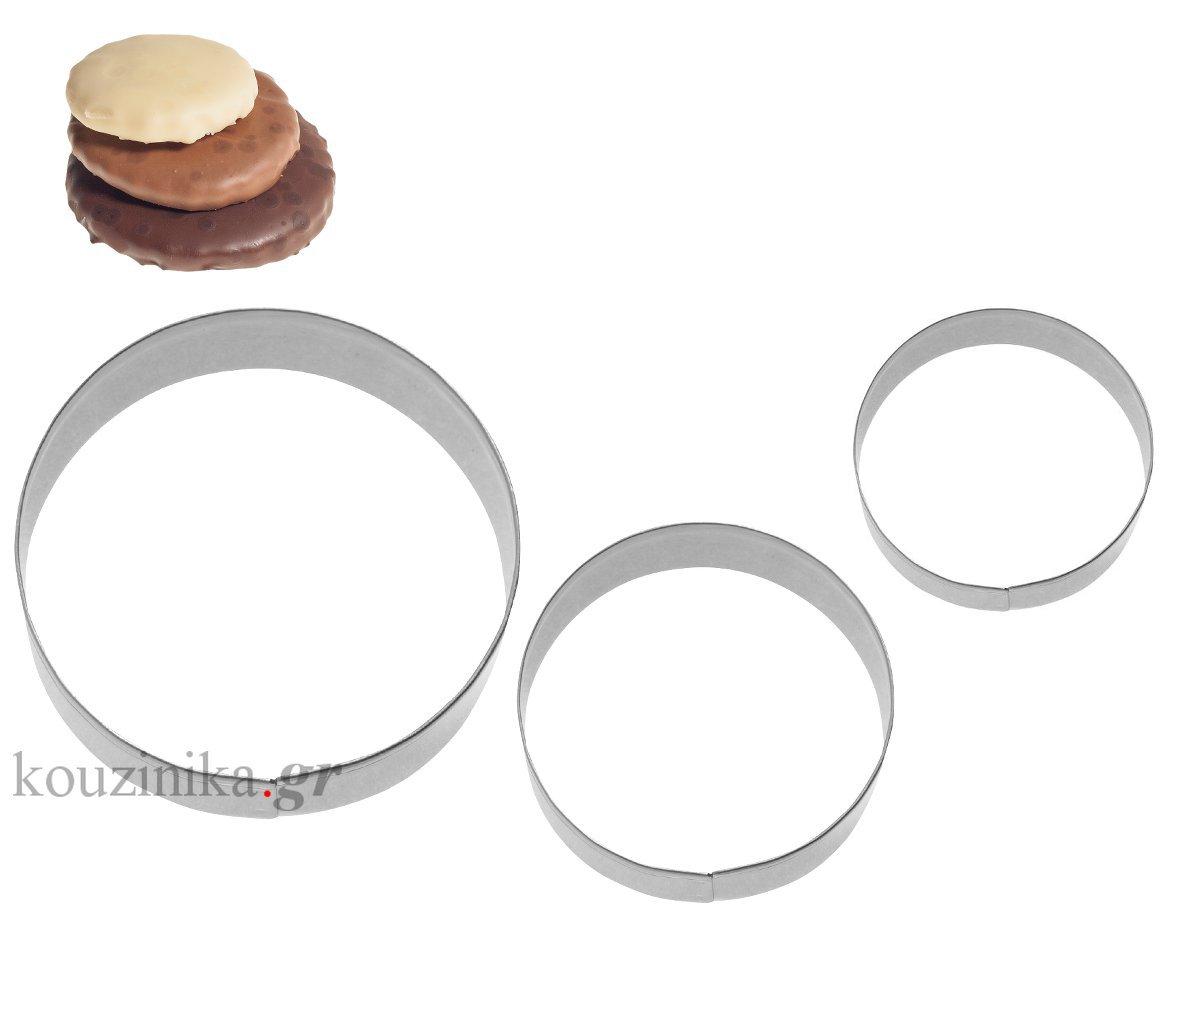 Σετ 3 ανοξείδωτα κουπάτ στρογγυλά 4-5-6 cm